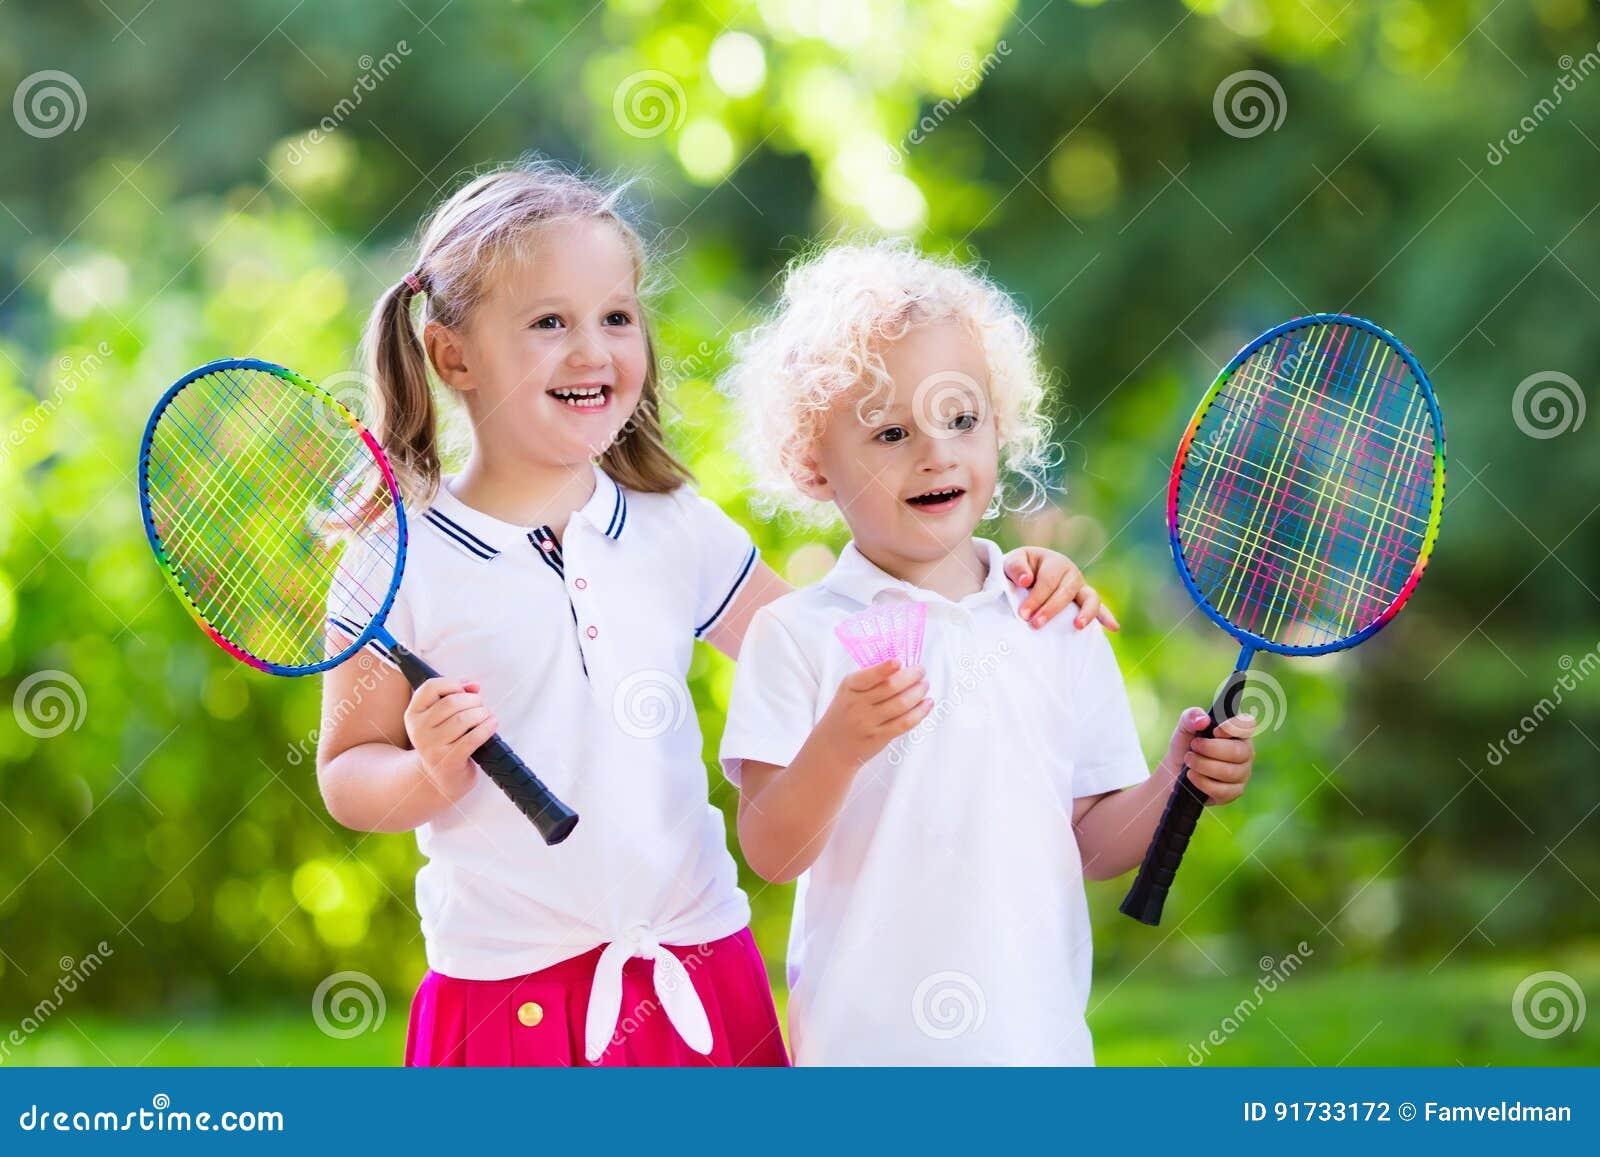 Kinder spielen Badminton oder Tennis Gericht im im Freien